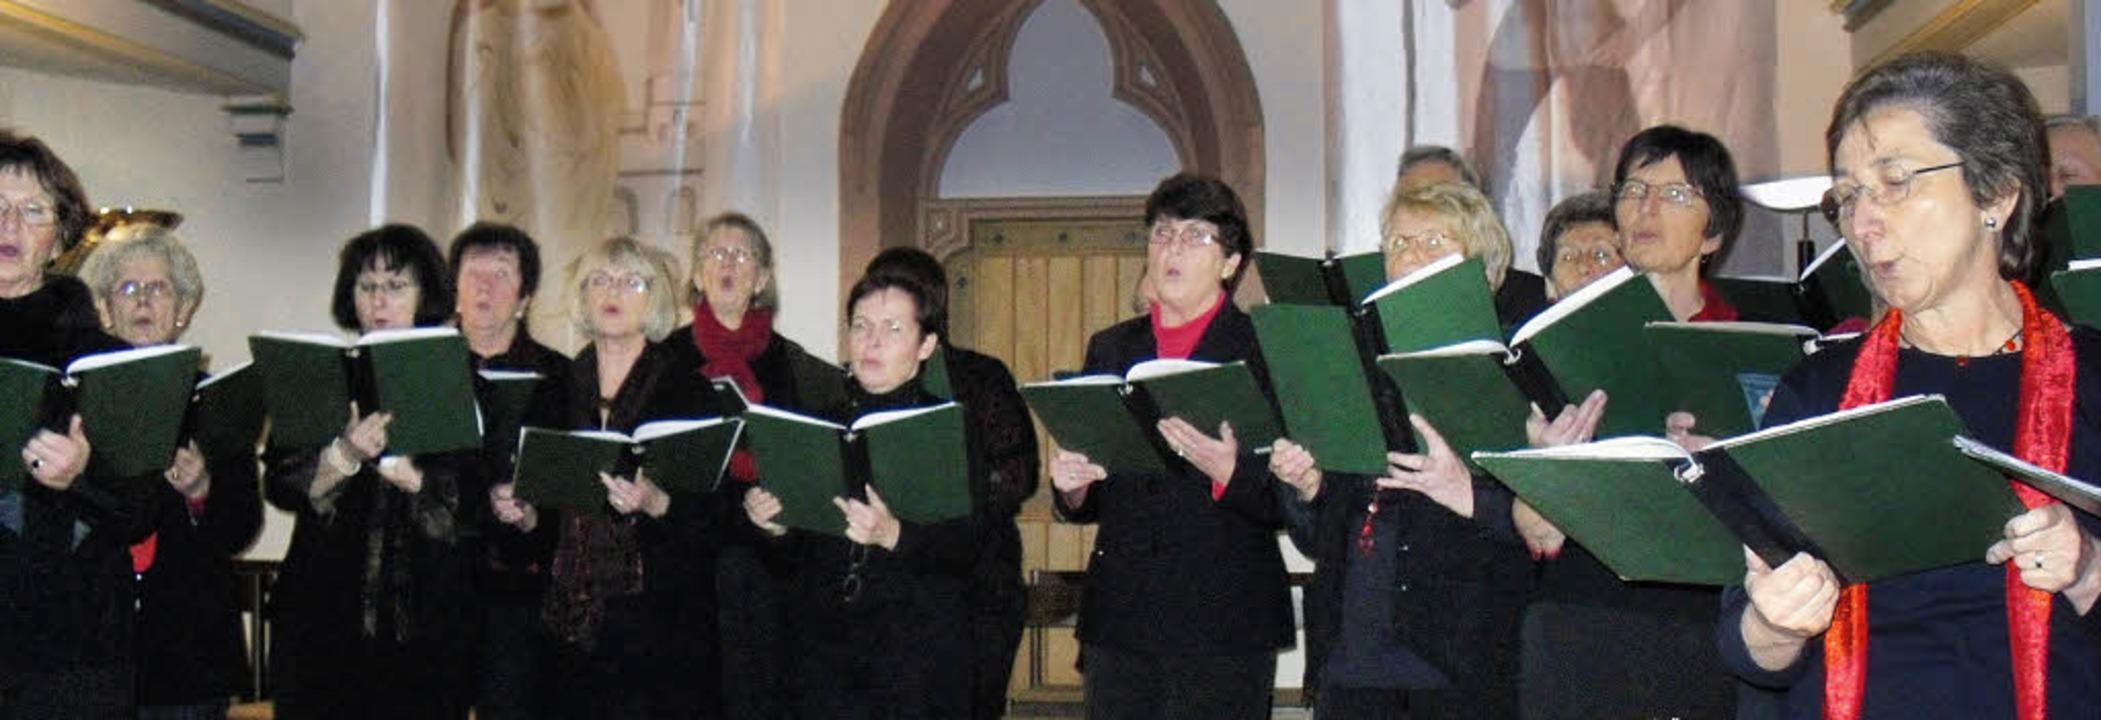 Geistliche Abendmusik Mundingen    Foto: Brigitte Rüssel